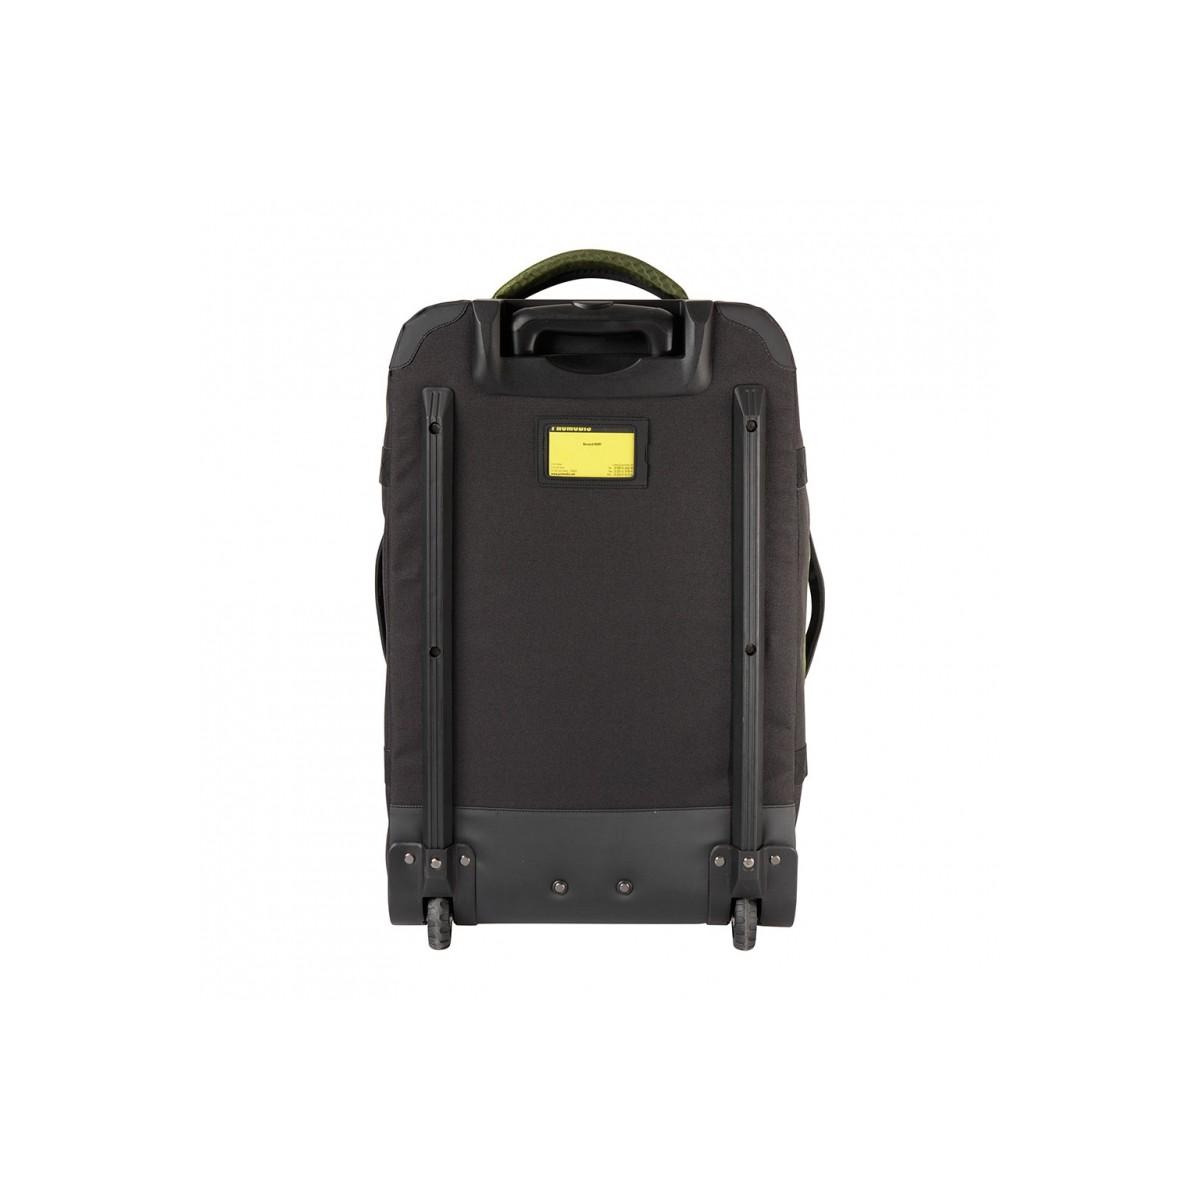 sac de voyage valise roulettes elite case 85l voyages et bagages inuka. Black Bedroom Furniture Sets. Home Design Ideas